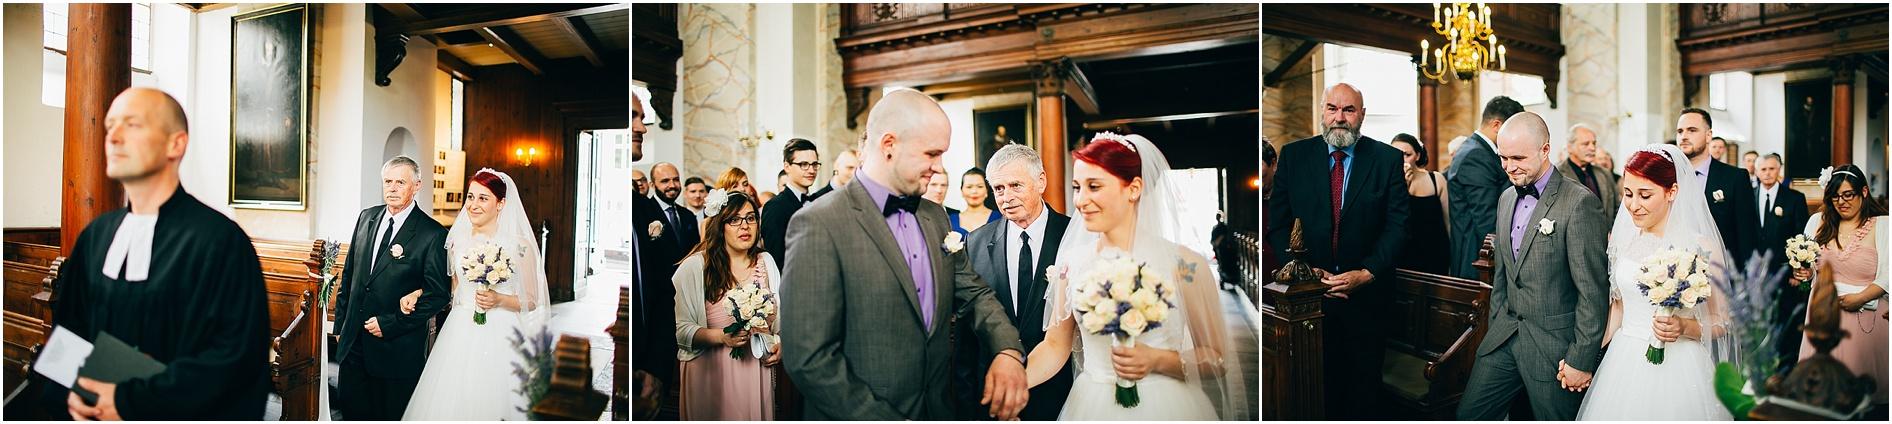 2014-07-22_0039 Sophie & Friedrich Hochzeit am Schweriner Schloss